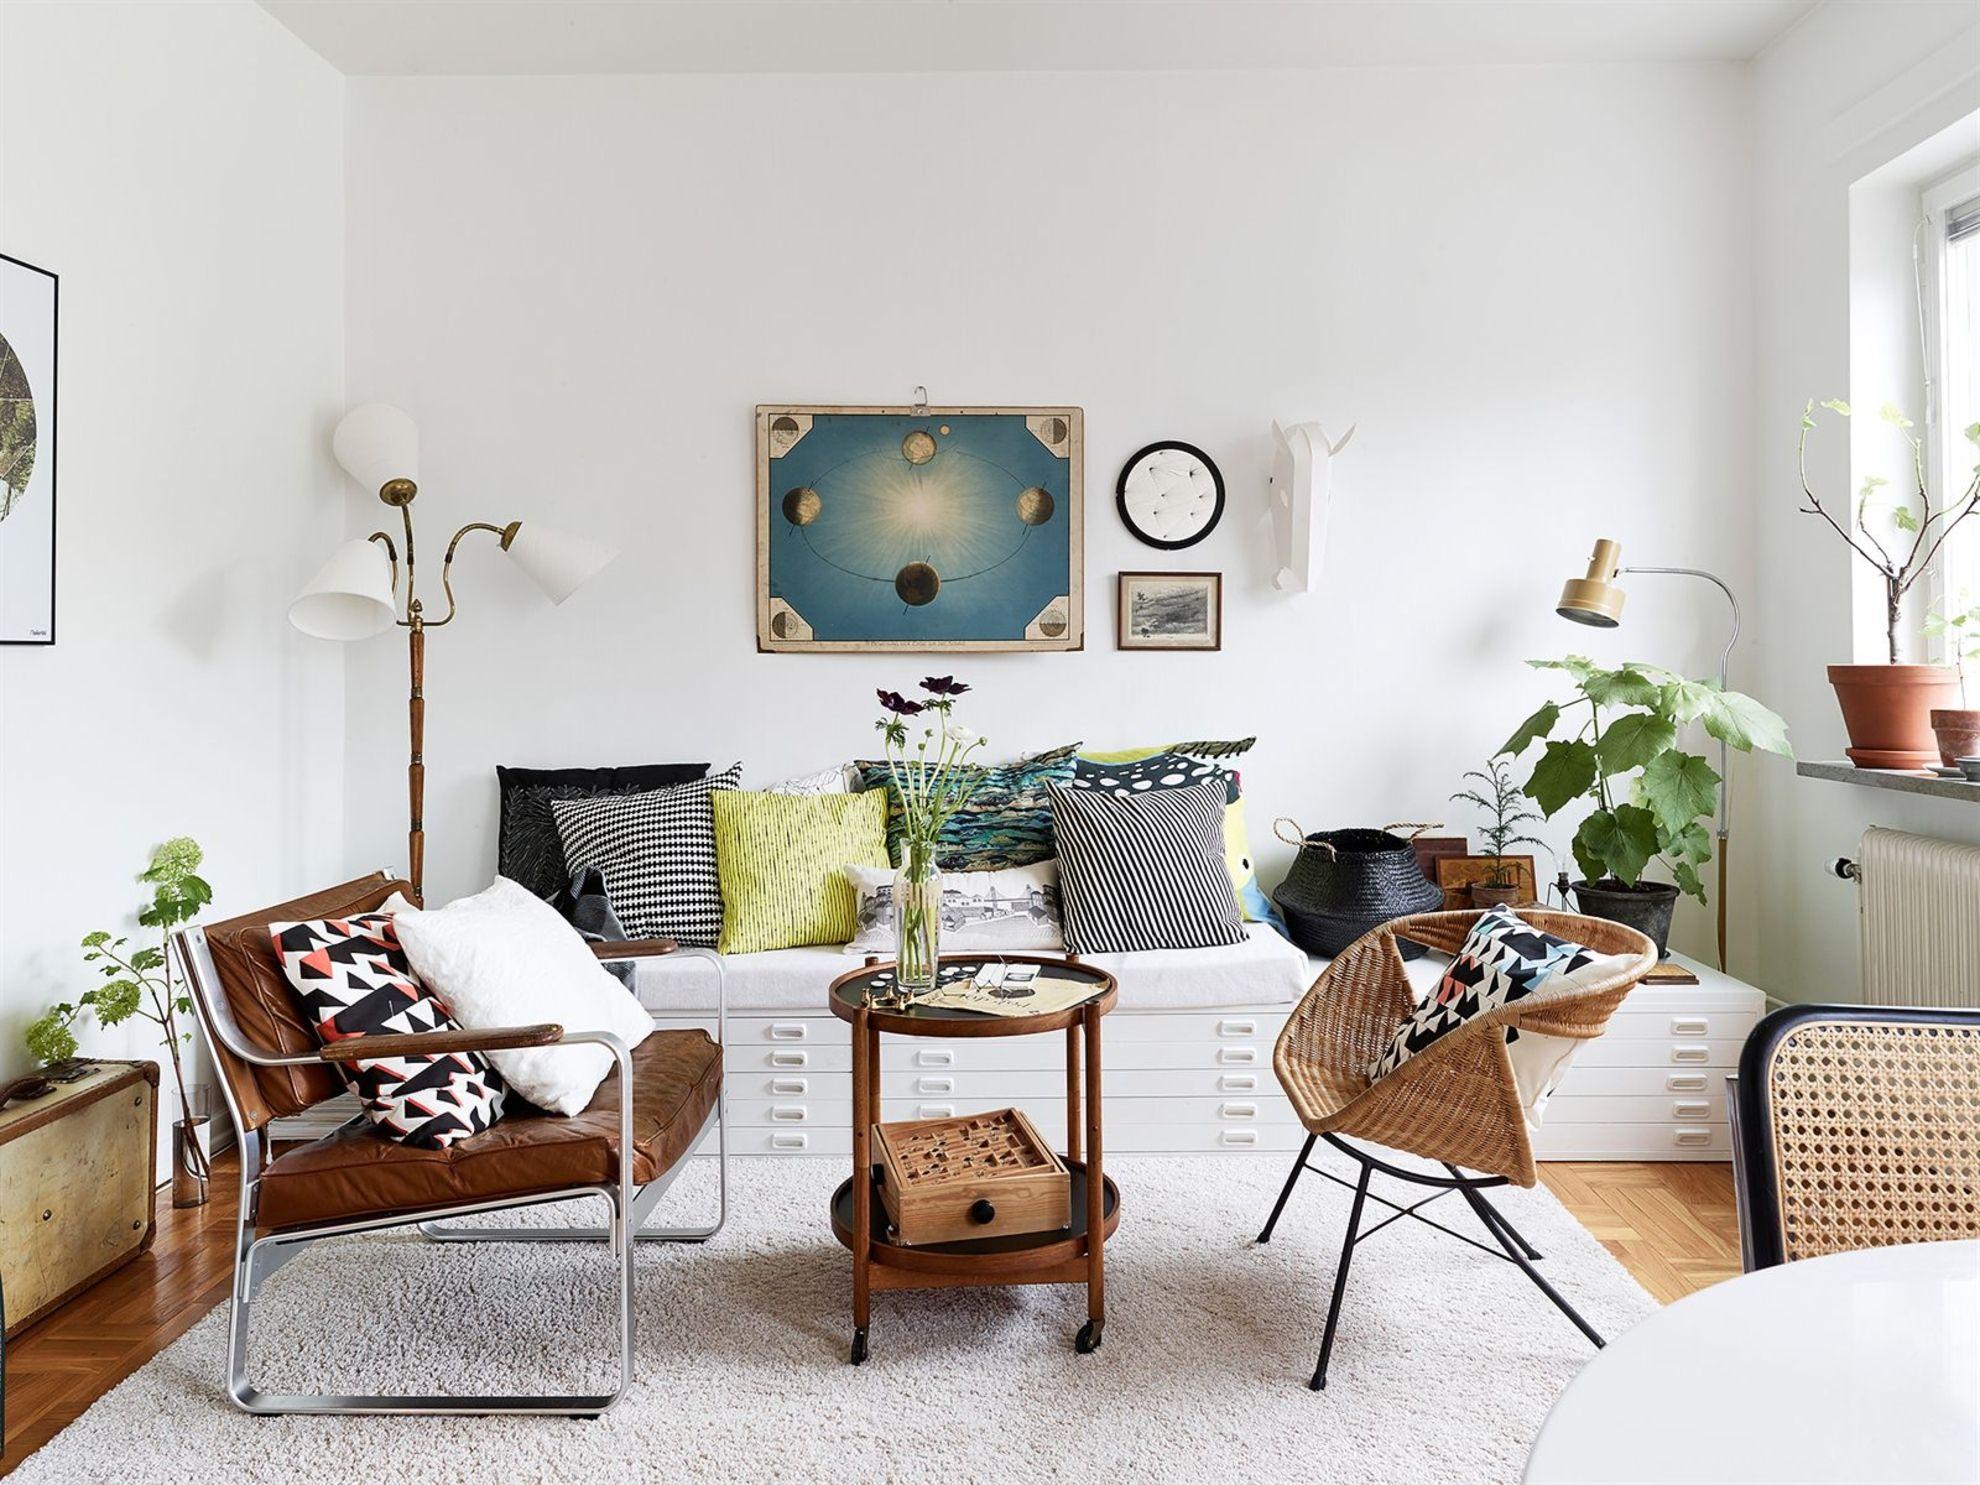 pingl par camille sur dream spaces espaces de r ve pinterest maison mobilier de salon. Black Bedroom Furniture Sets. Home Design Ideas